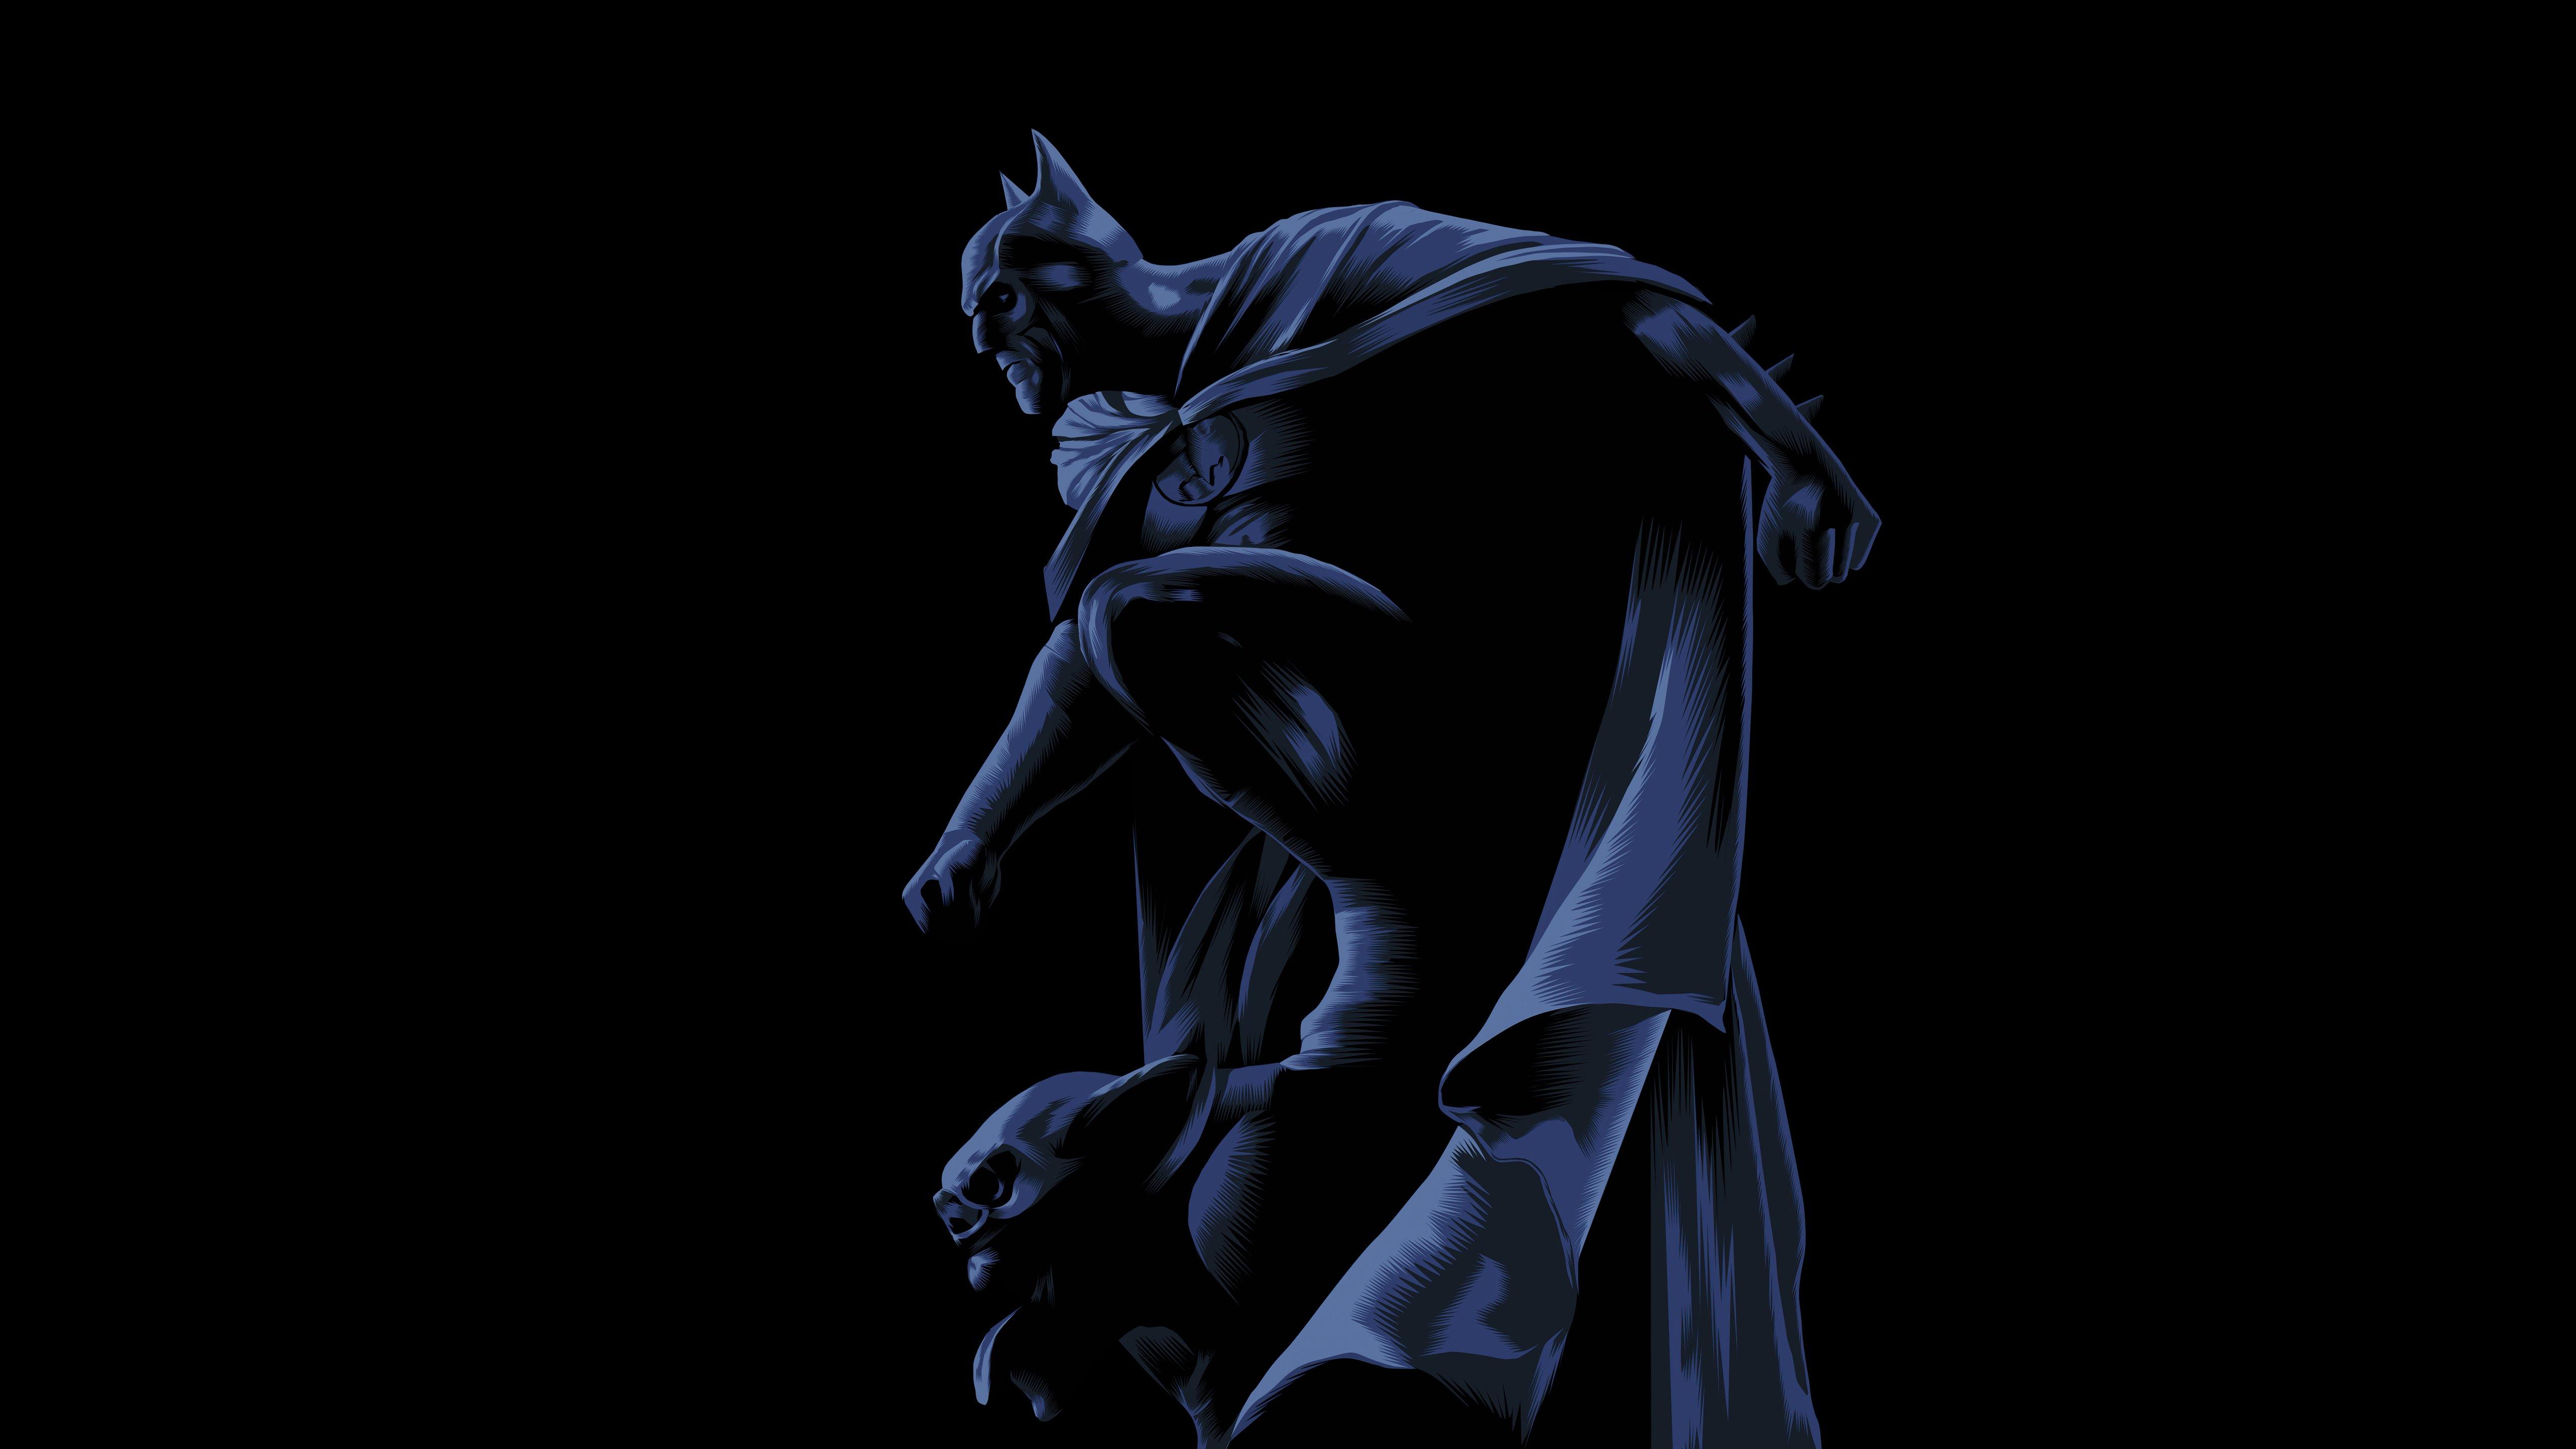 Wallpaper Batman Dark Knight Illustration